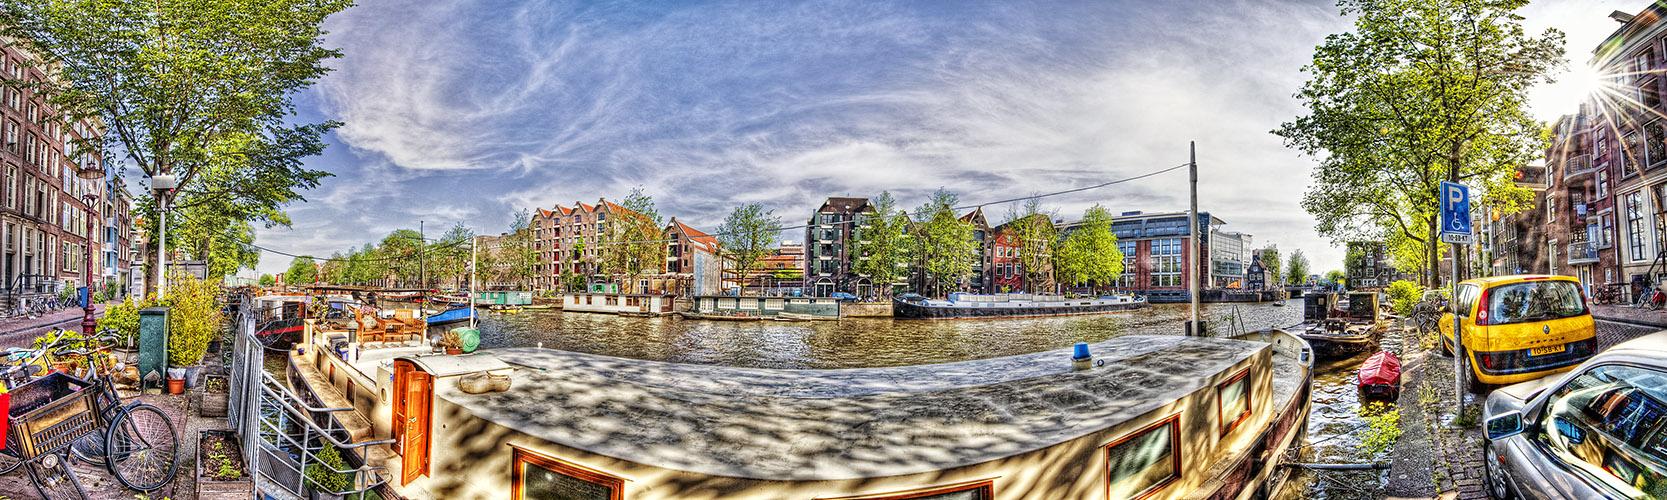 Amsterdam Pano HDR1 04 Oudeschans